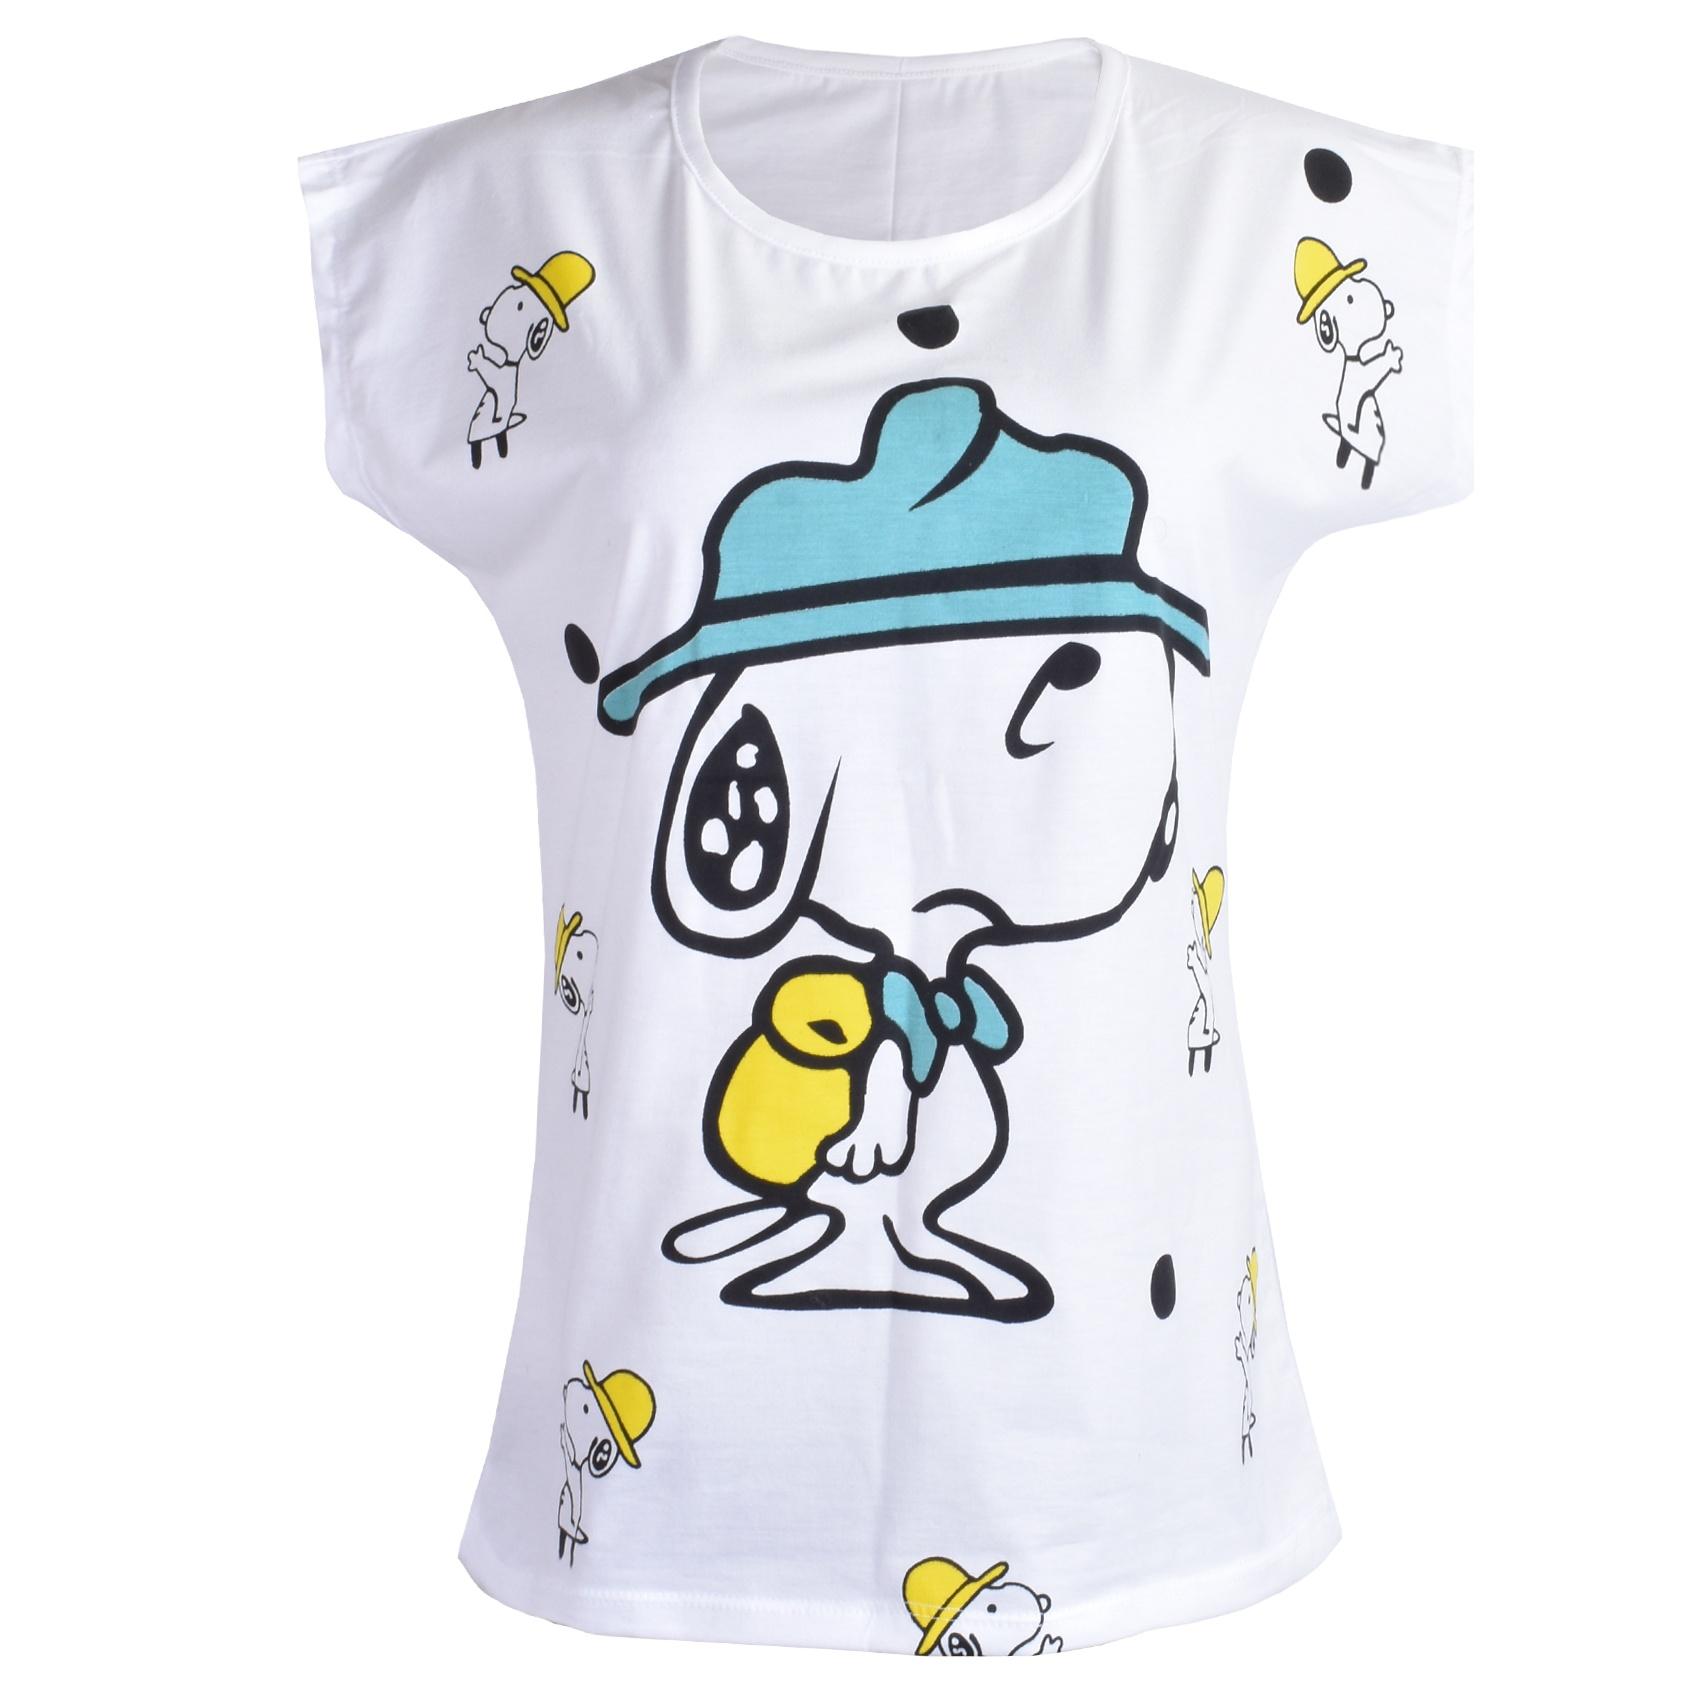 تی شرت زنانه طرح اسنوپی کد 266